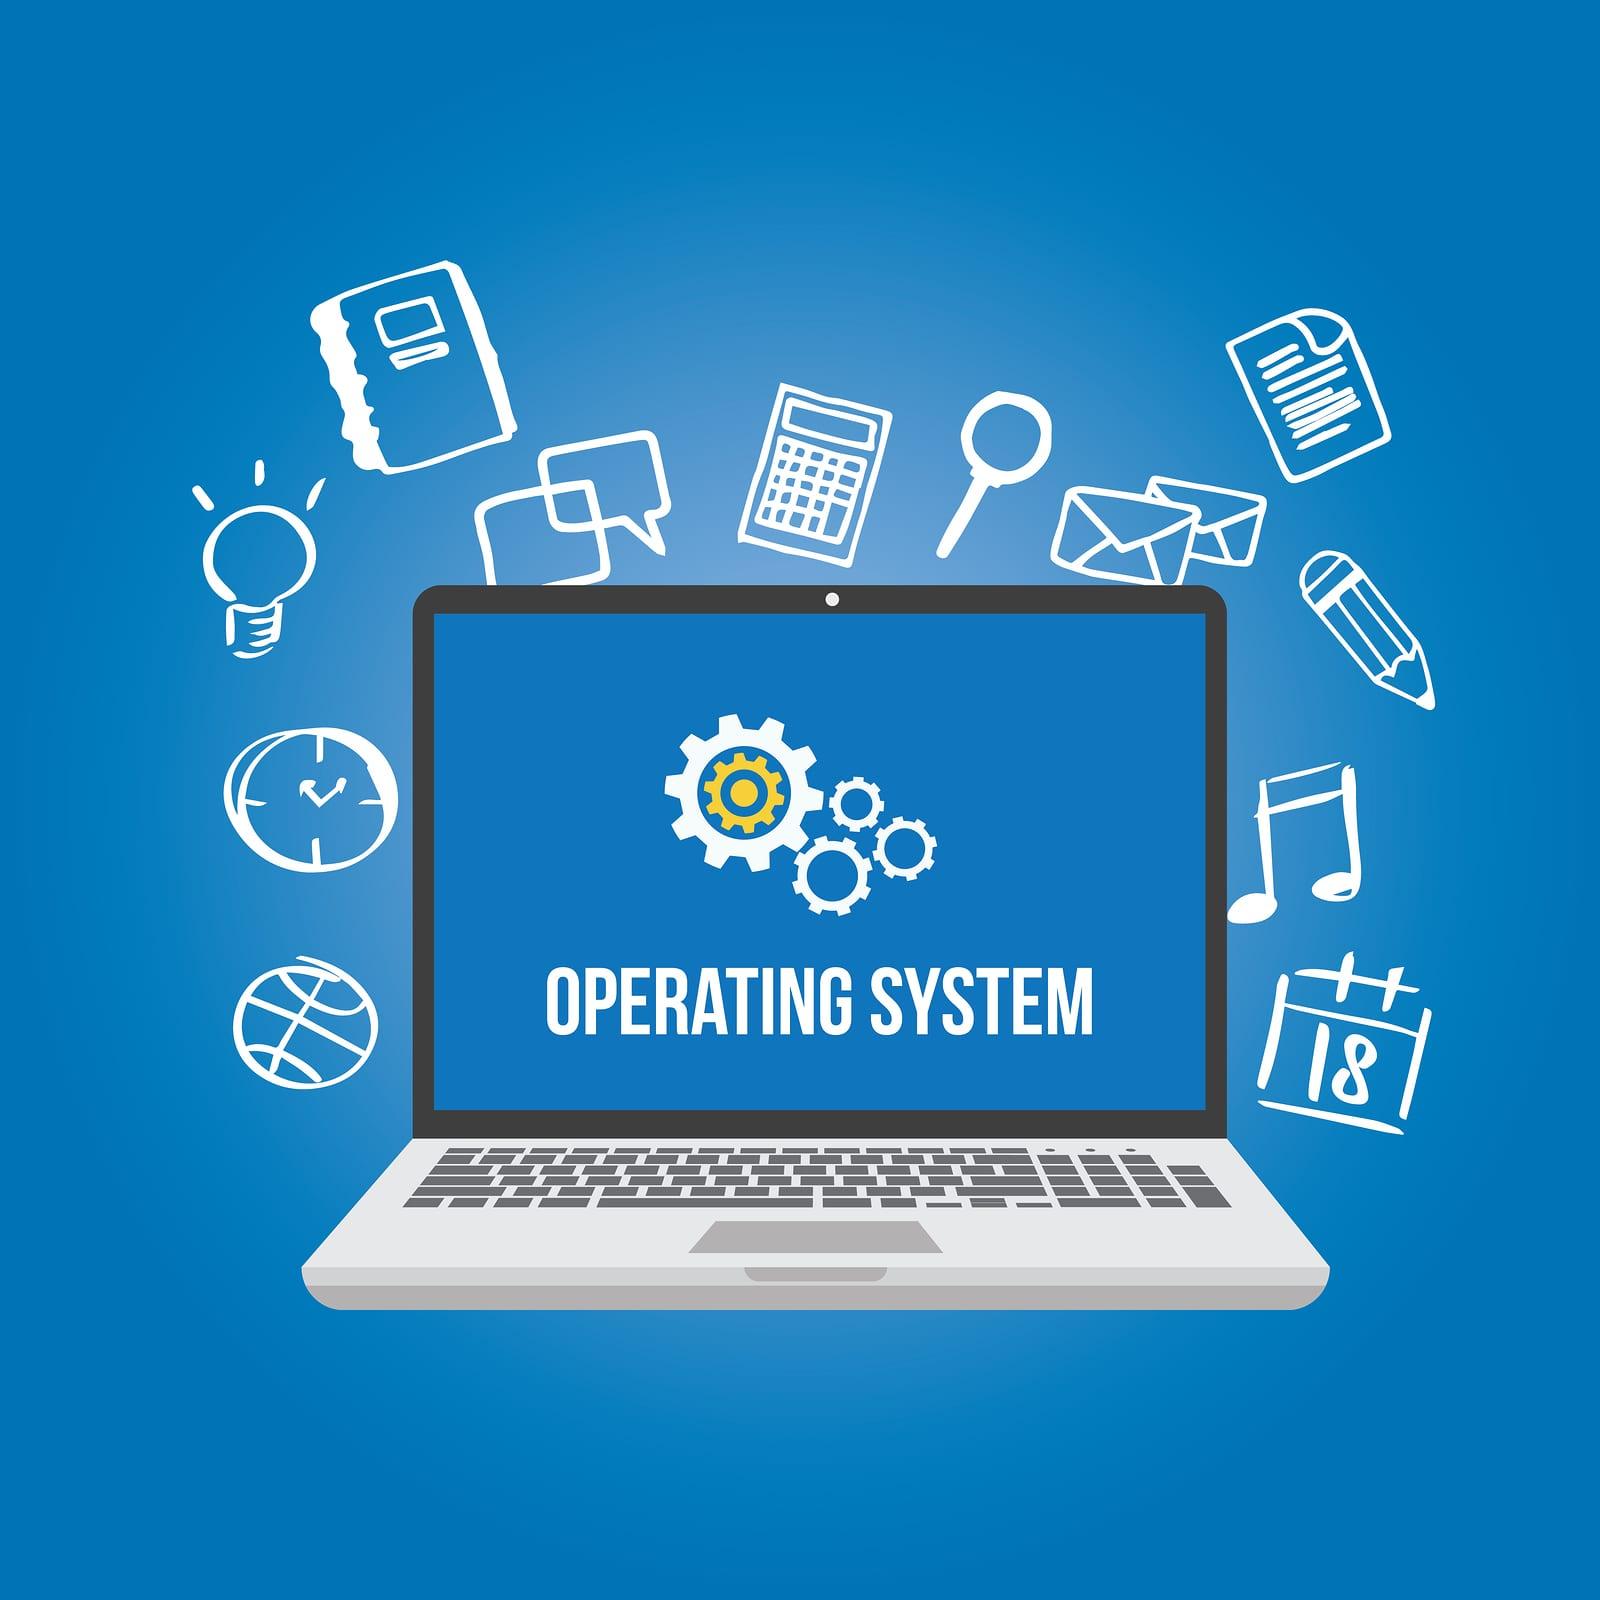 أنظمة تشغيل الأجهزة الذكية